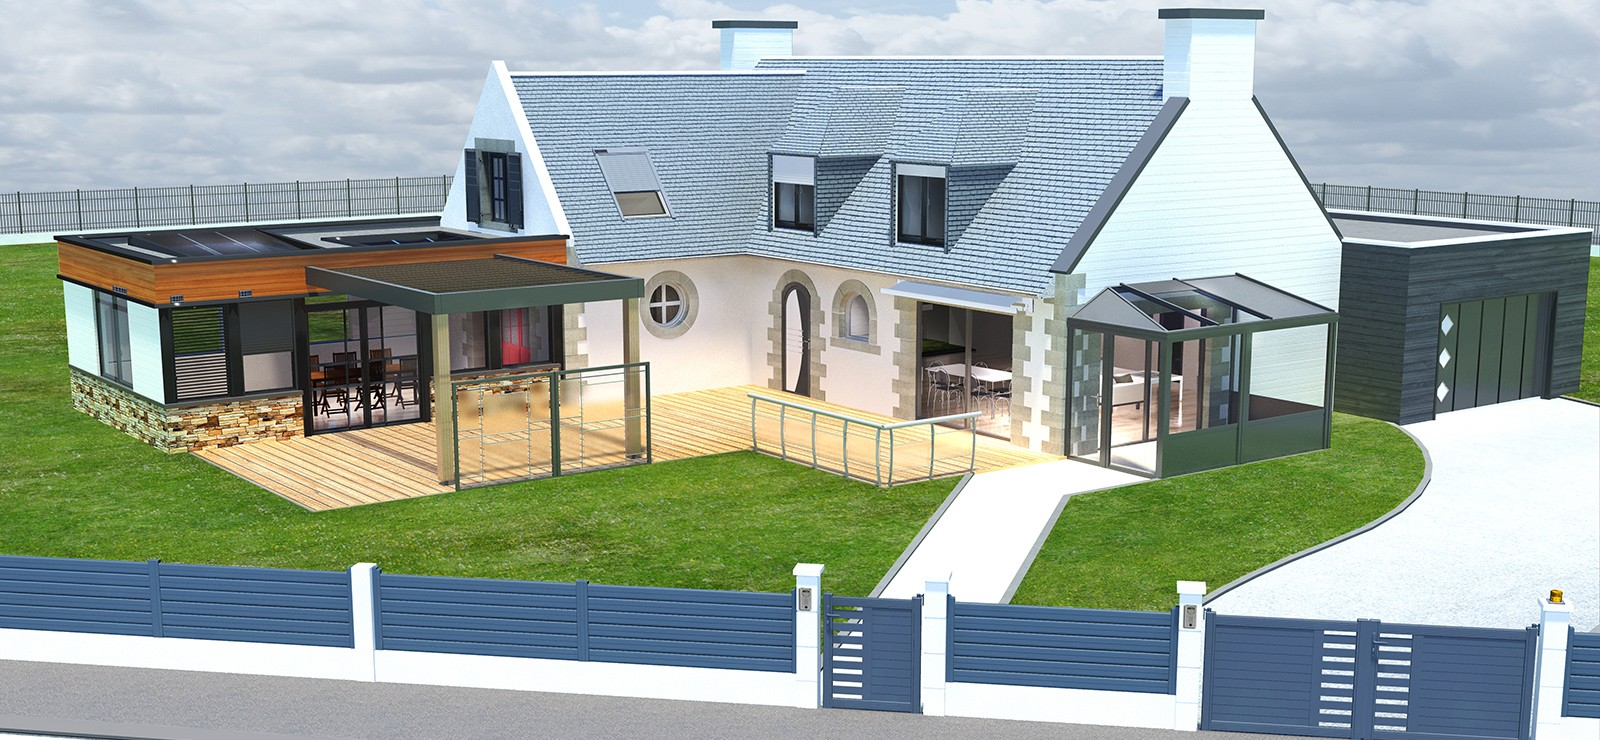 2pl cr ateur espaces ouvertures bretagne dept 22 for Veranda sur garage